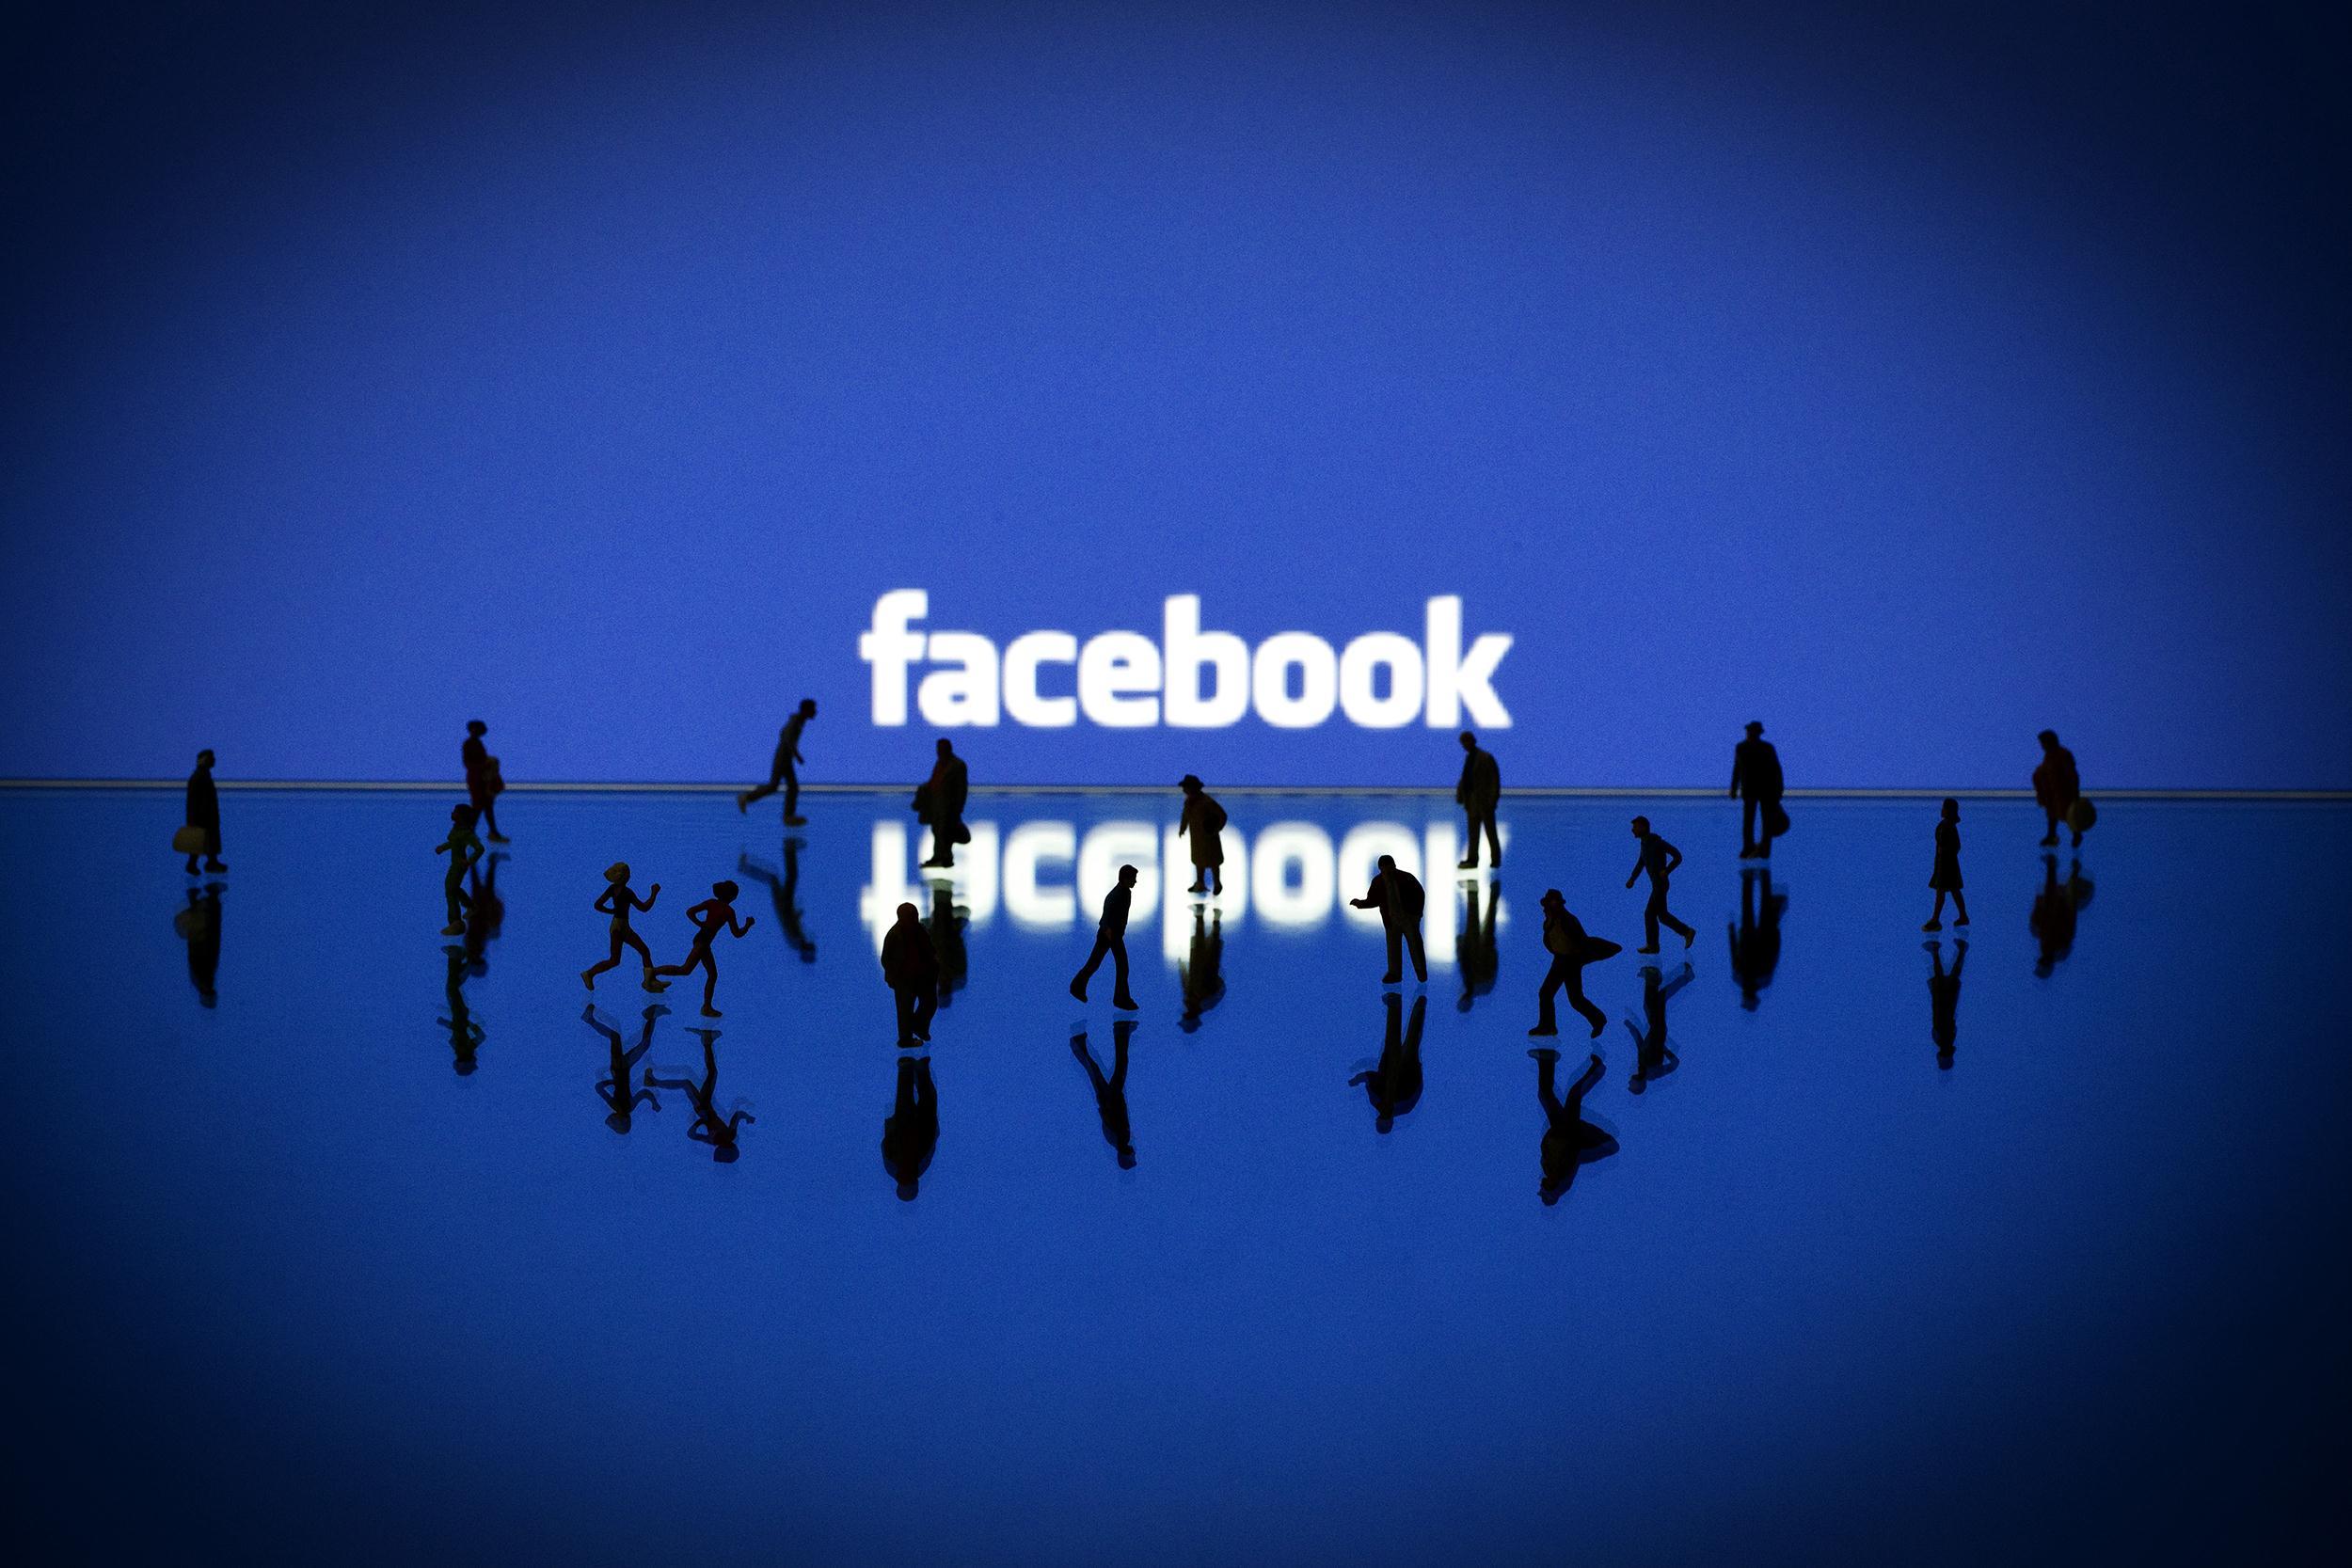 فیسبوک په افغانستان کي څنګه کاریږي؟